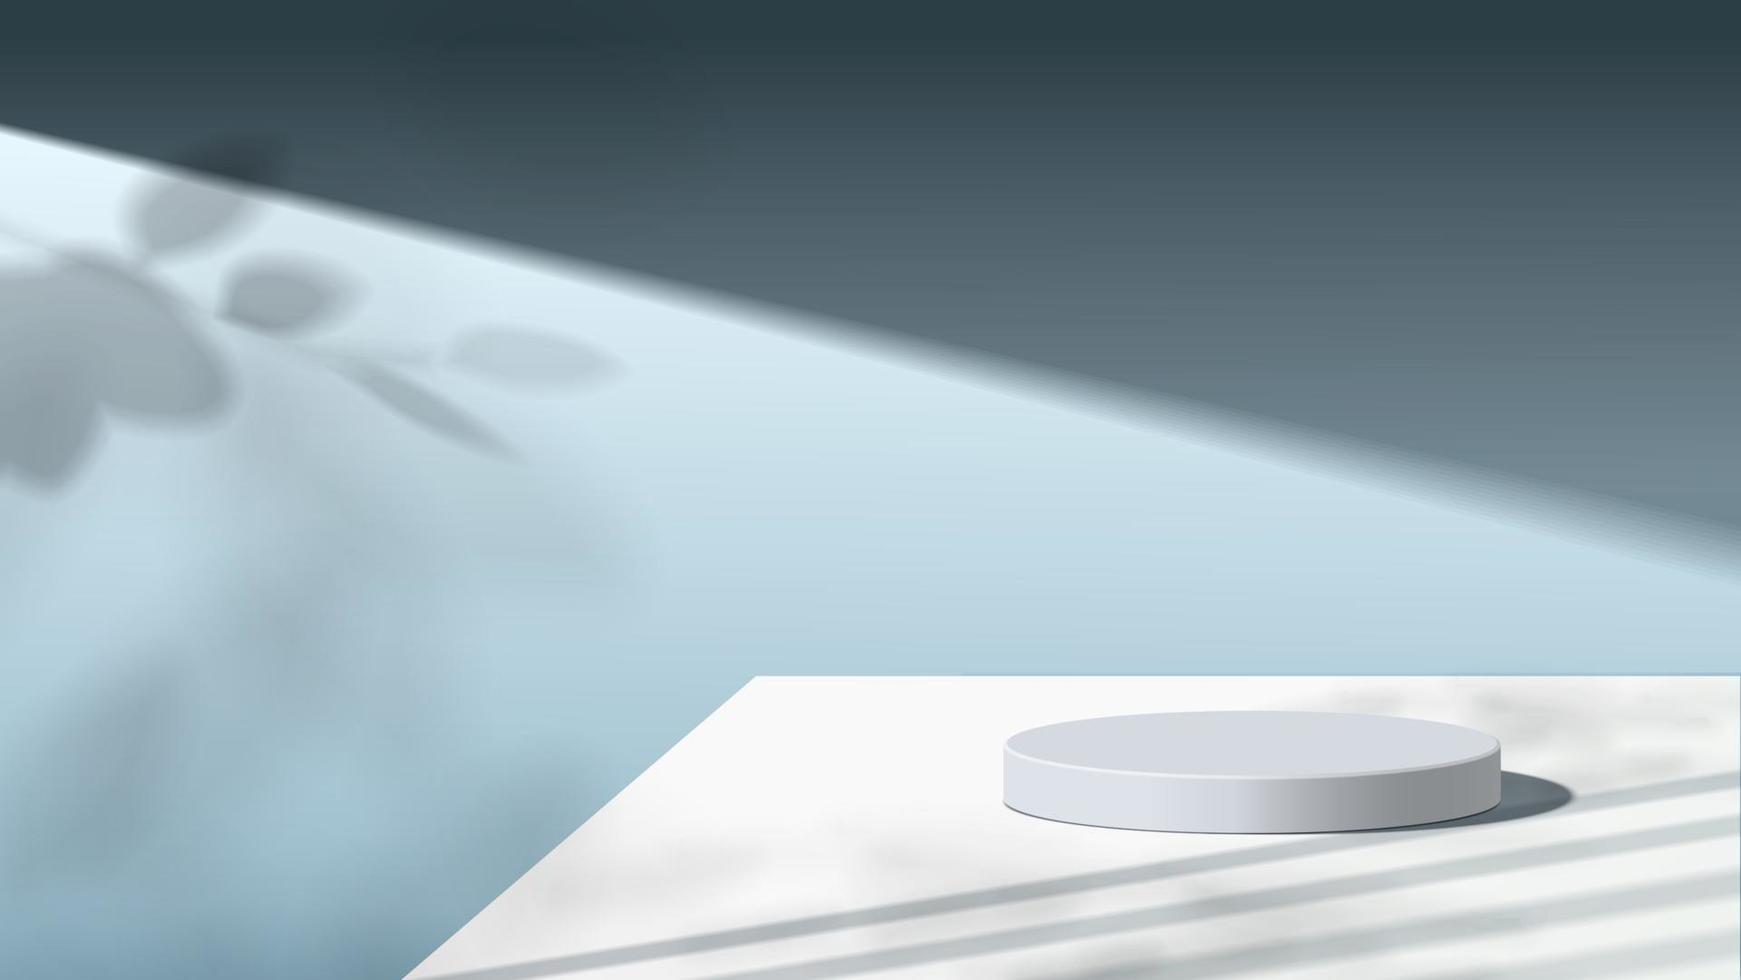 scène minimale abstraite avec des formes géométriques. podium en bois en arrière-plan. présentation du produit, maquette, exposition de produits cosmétiques, podium, piédestal de scène ou plate-forme. vecteur 3D